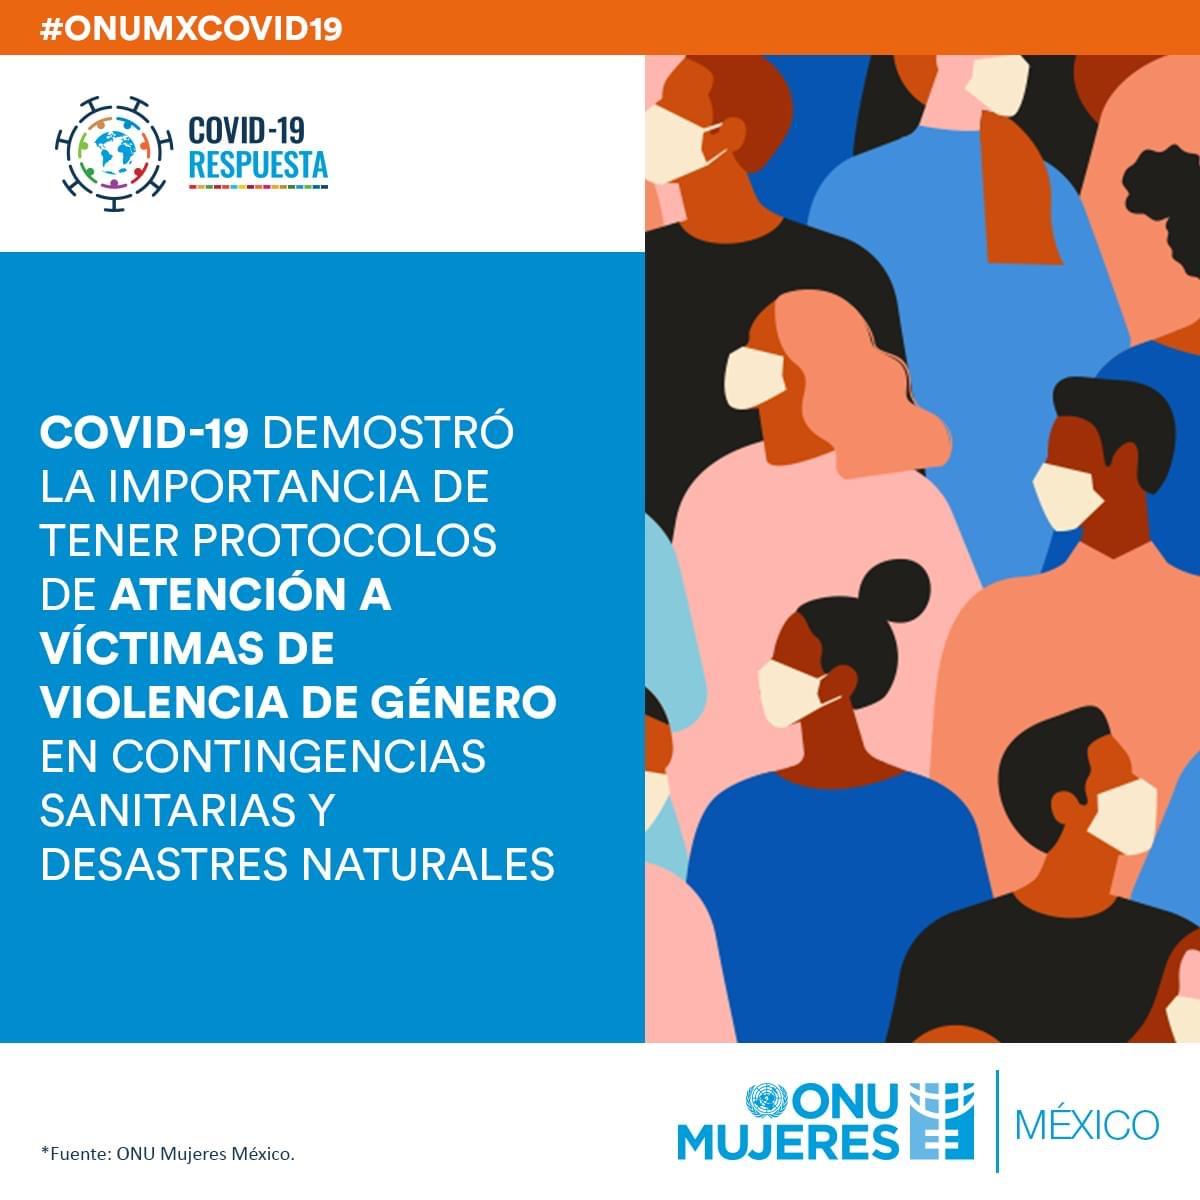 La atención a la violencia de género durante la pandemia debe ser prioritaria. Conoce más: 👇🏽  #ONUMxCOVID19